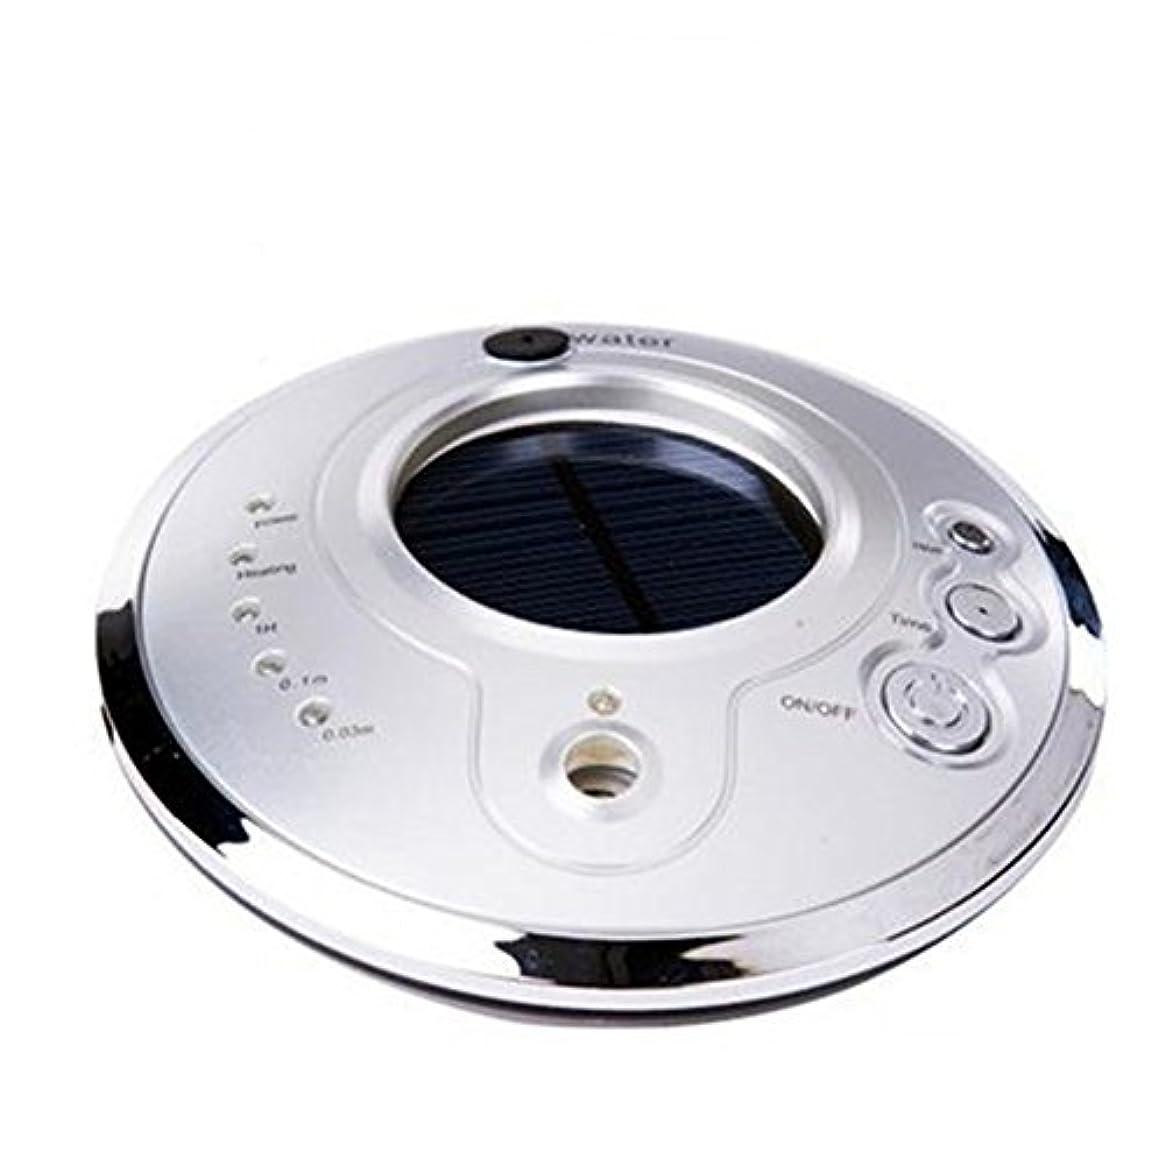 心配ブロック差Auroraloveイオン空気清浄機Fresher USB車空気加湿器、ソーラーイオン加湿器、アロマセラピー車Essential Oil Diffuser、超音波車モードで調節可能なミスト加湿器 シルバー